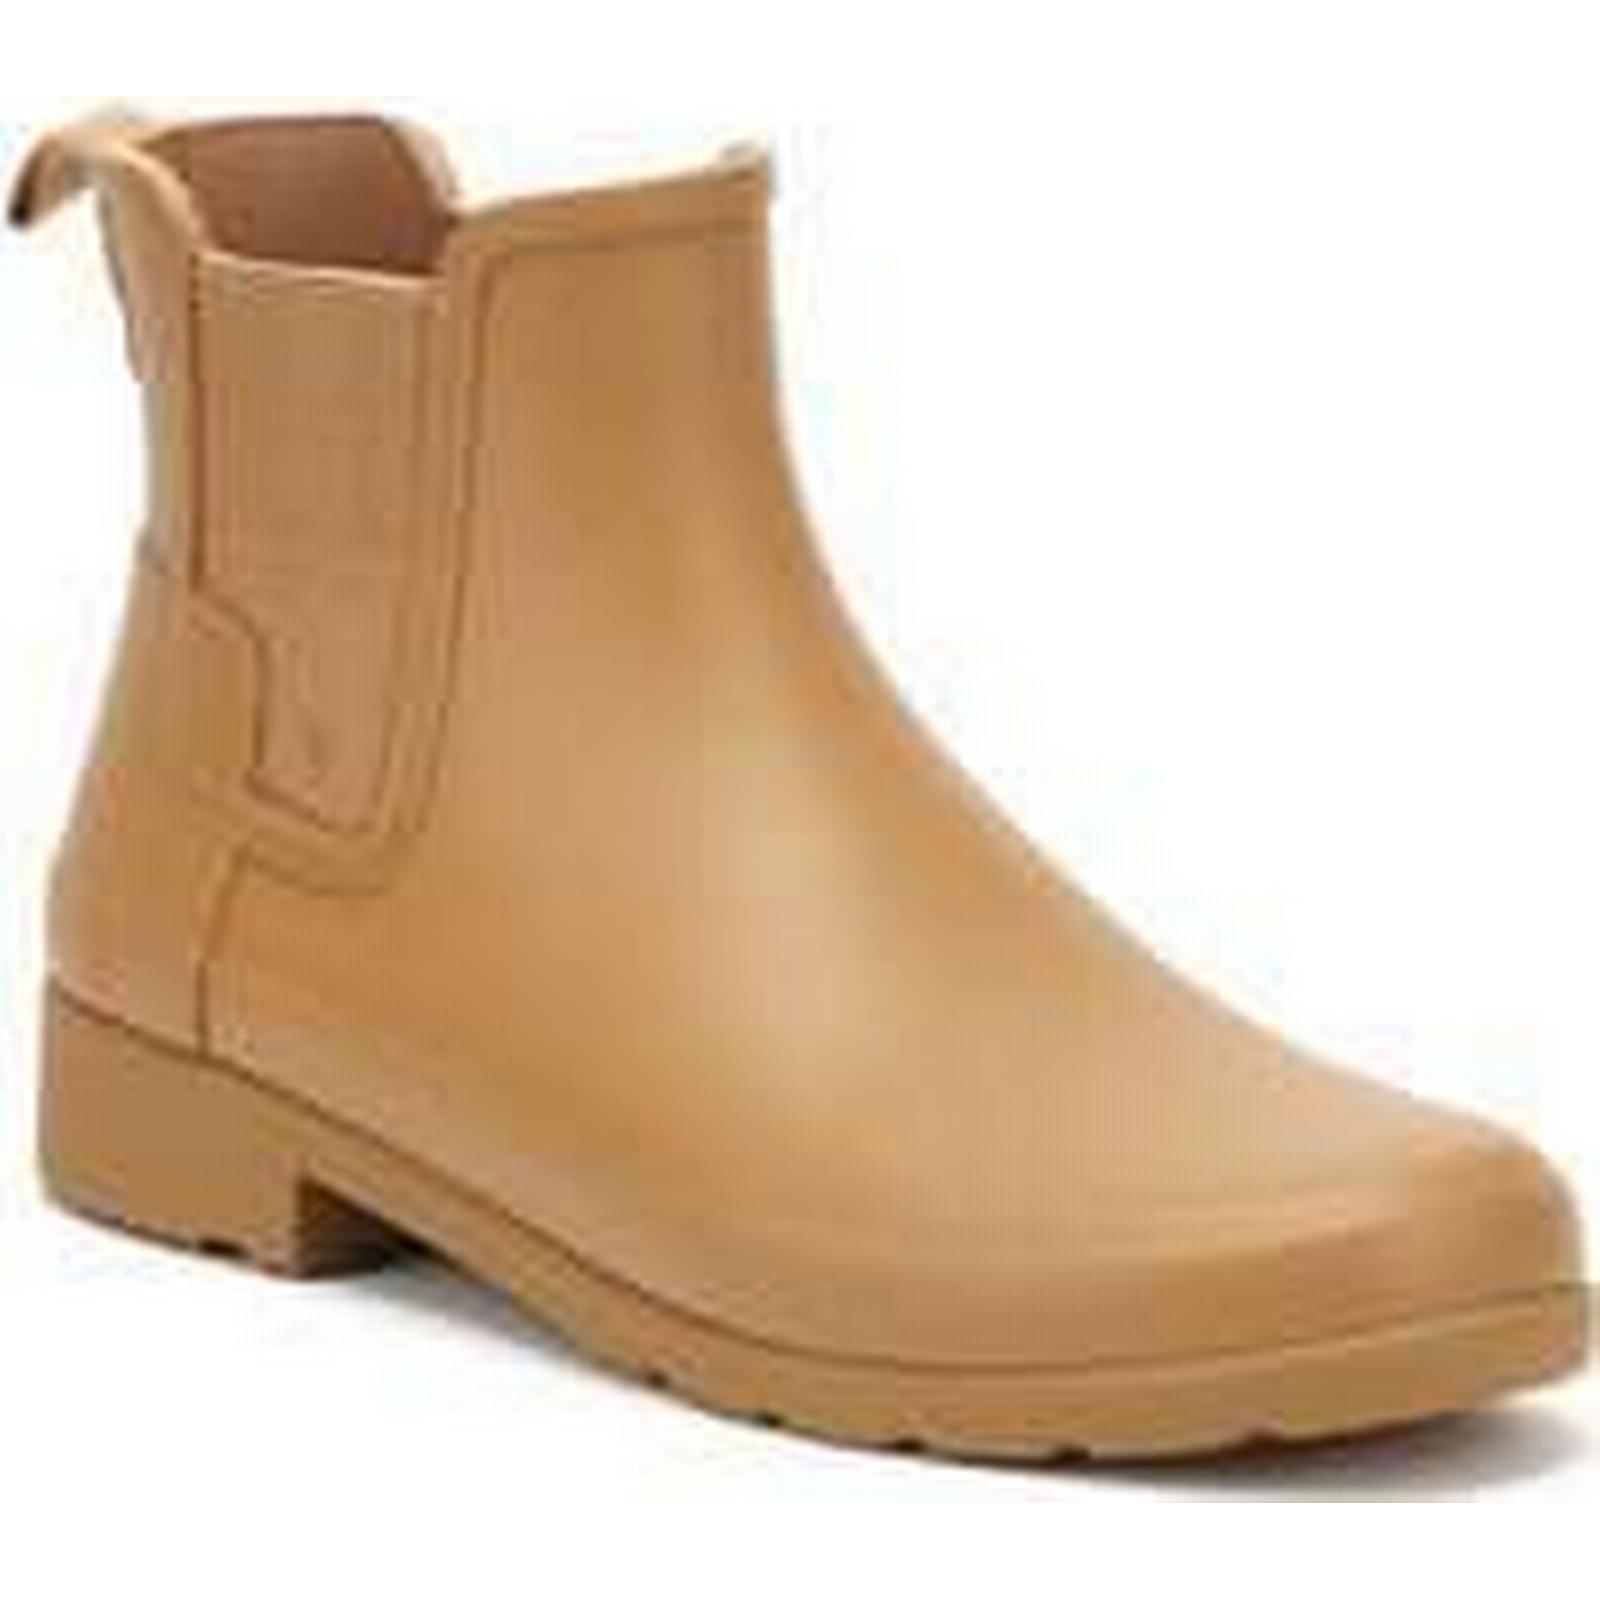 spartoo.co.uk original hunter original spartoo.co.uk  s brun pâle chelsea bottes femmes & #   raffinés; s faible bottines dans Marron  43c52b